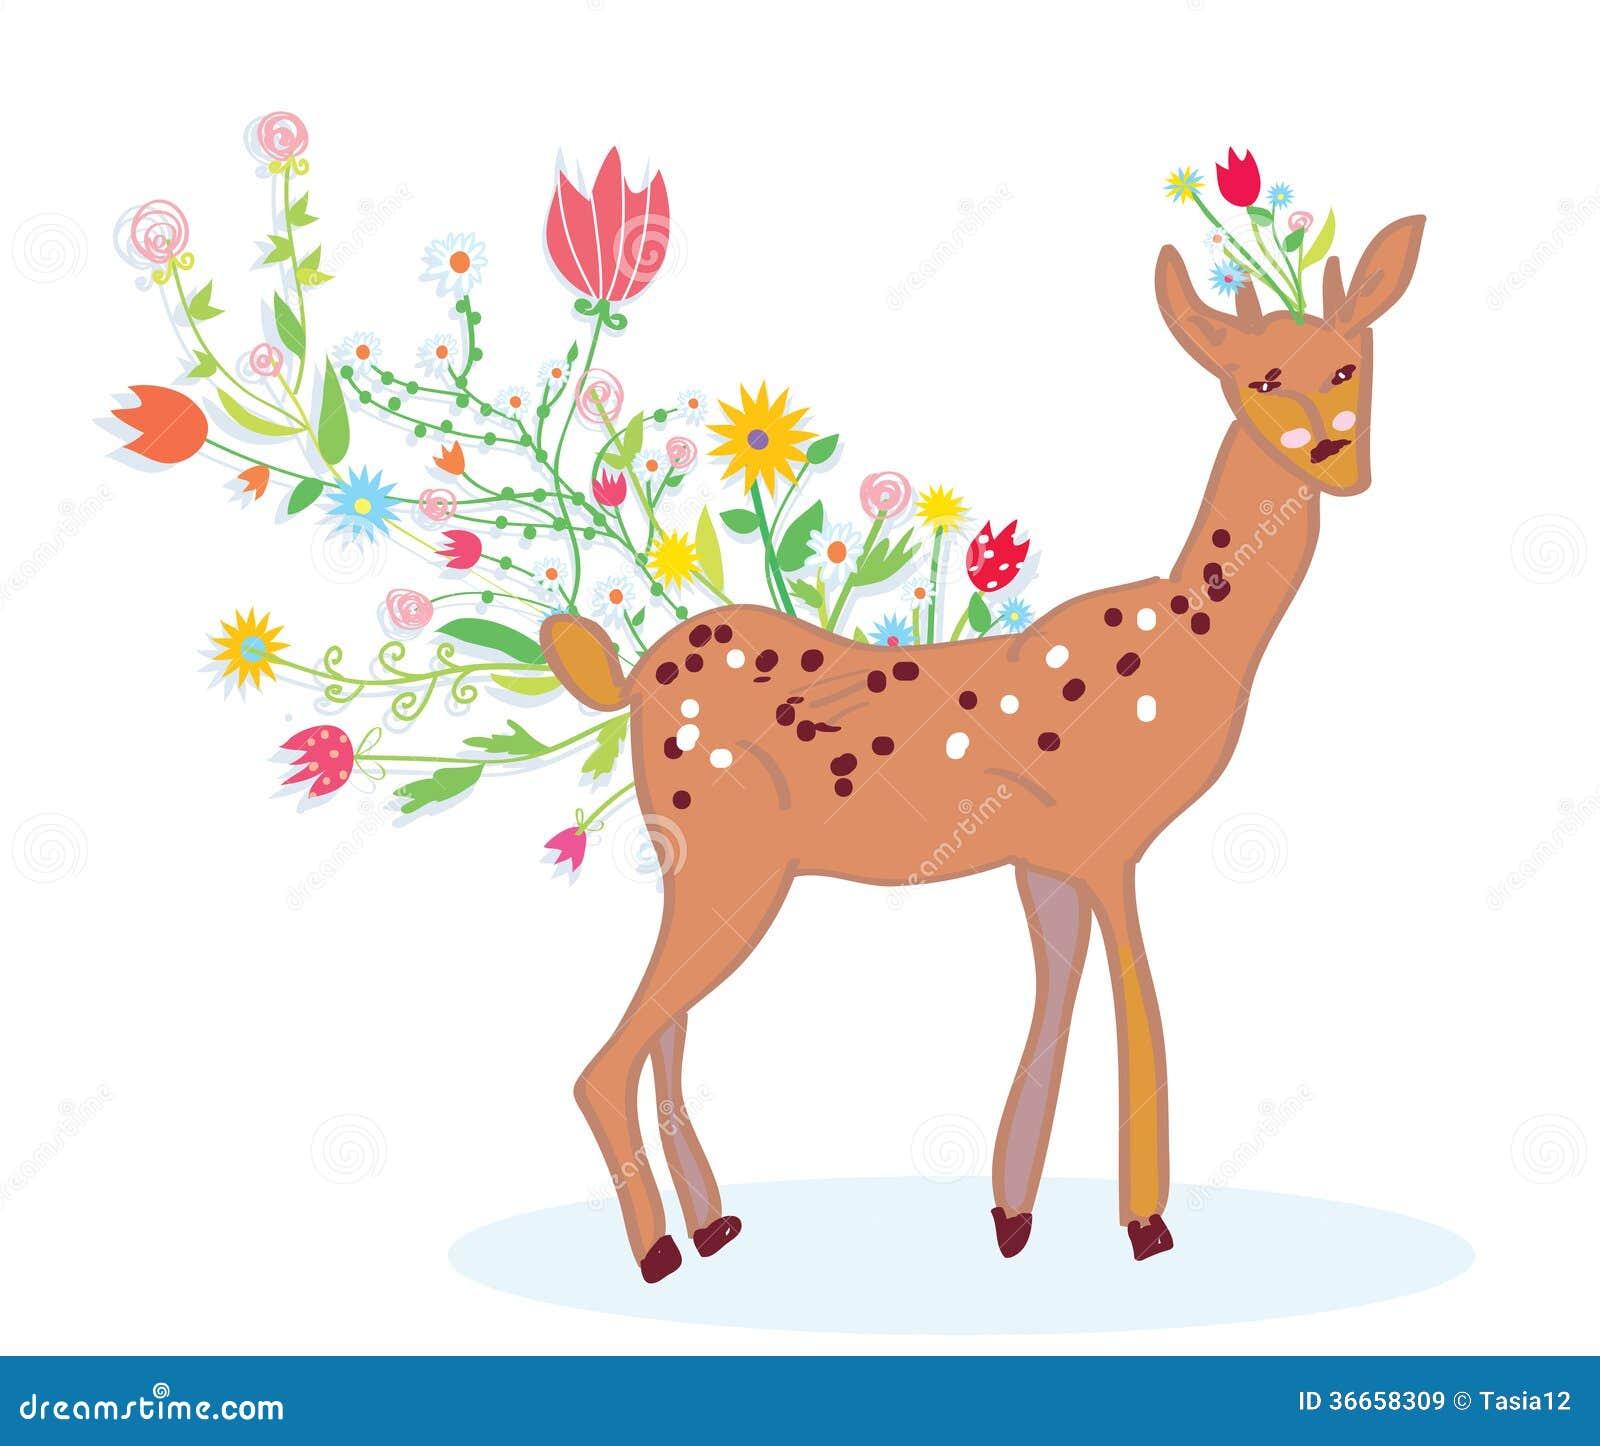 Cute spring flower - Deer And Flower Spring Background Cute